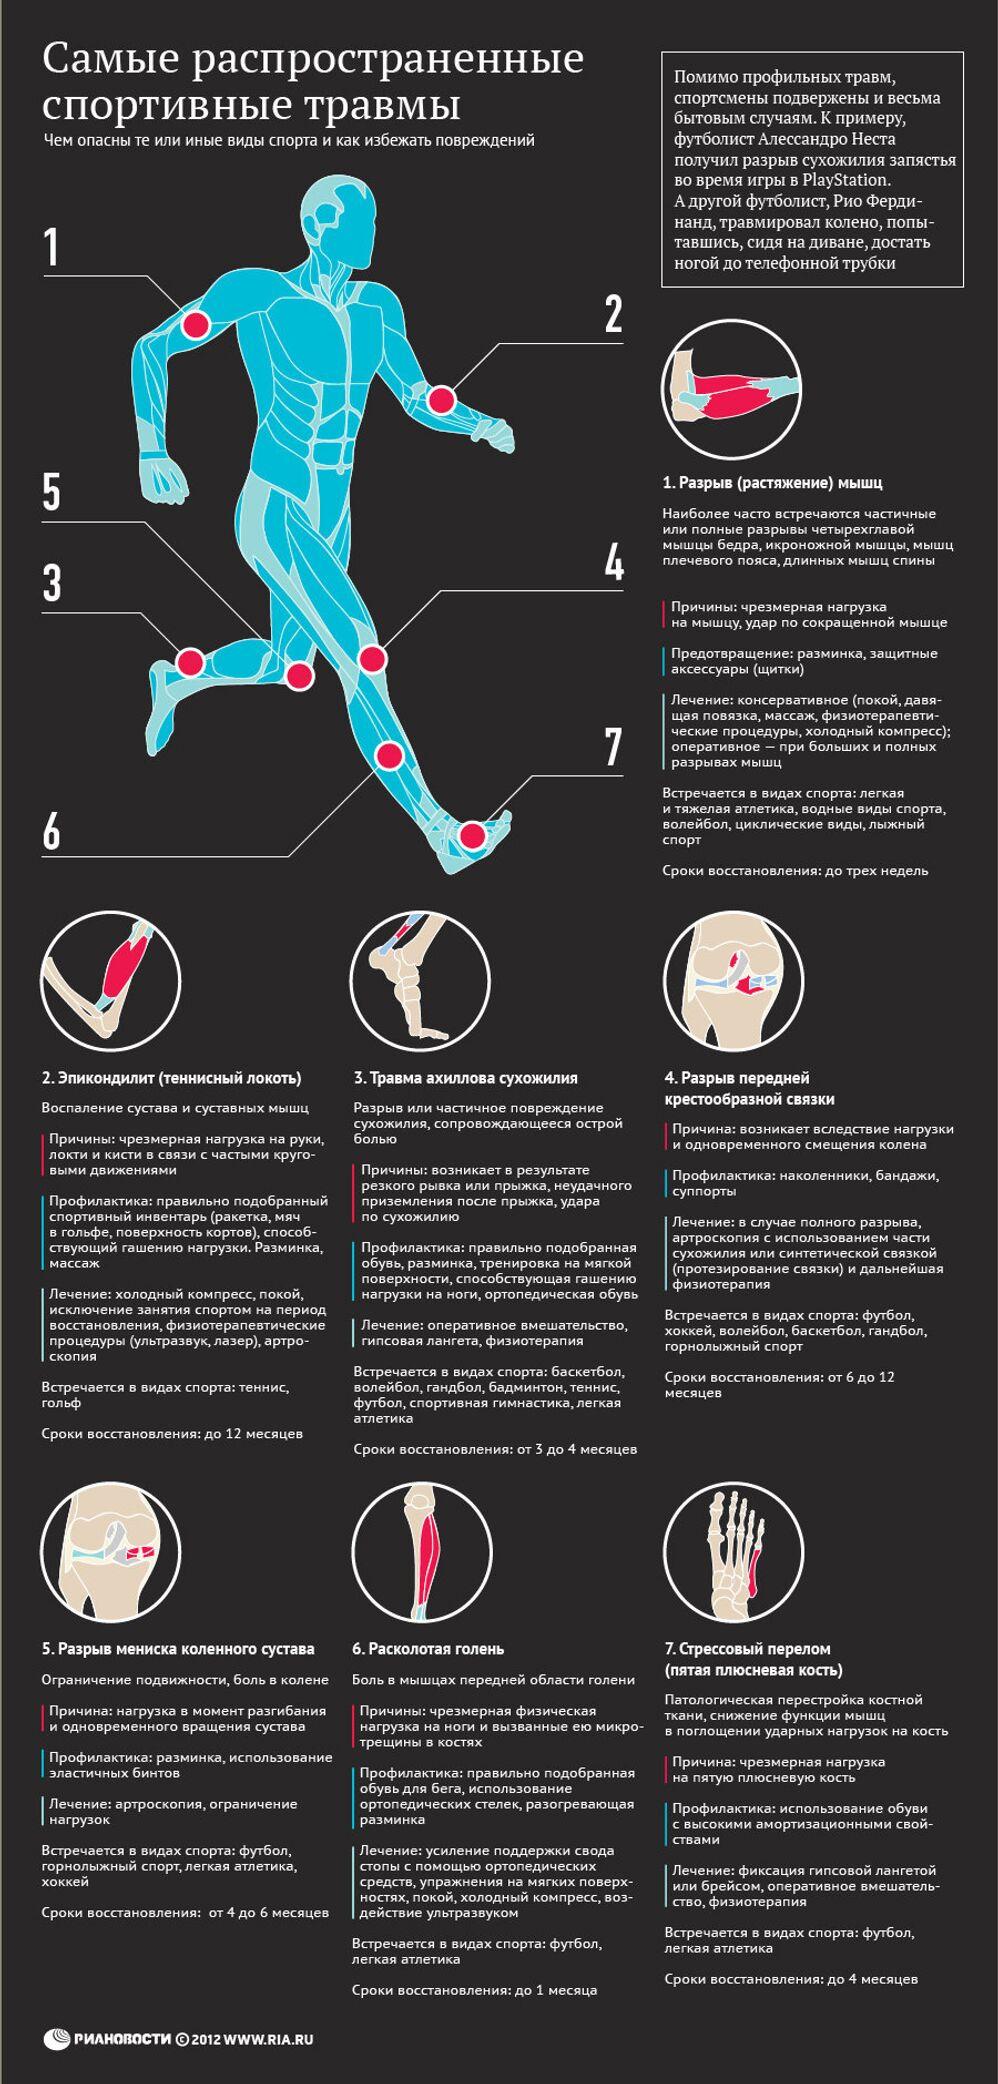 Самые распространенные спортивные травмы